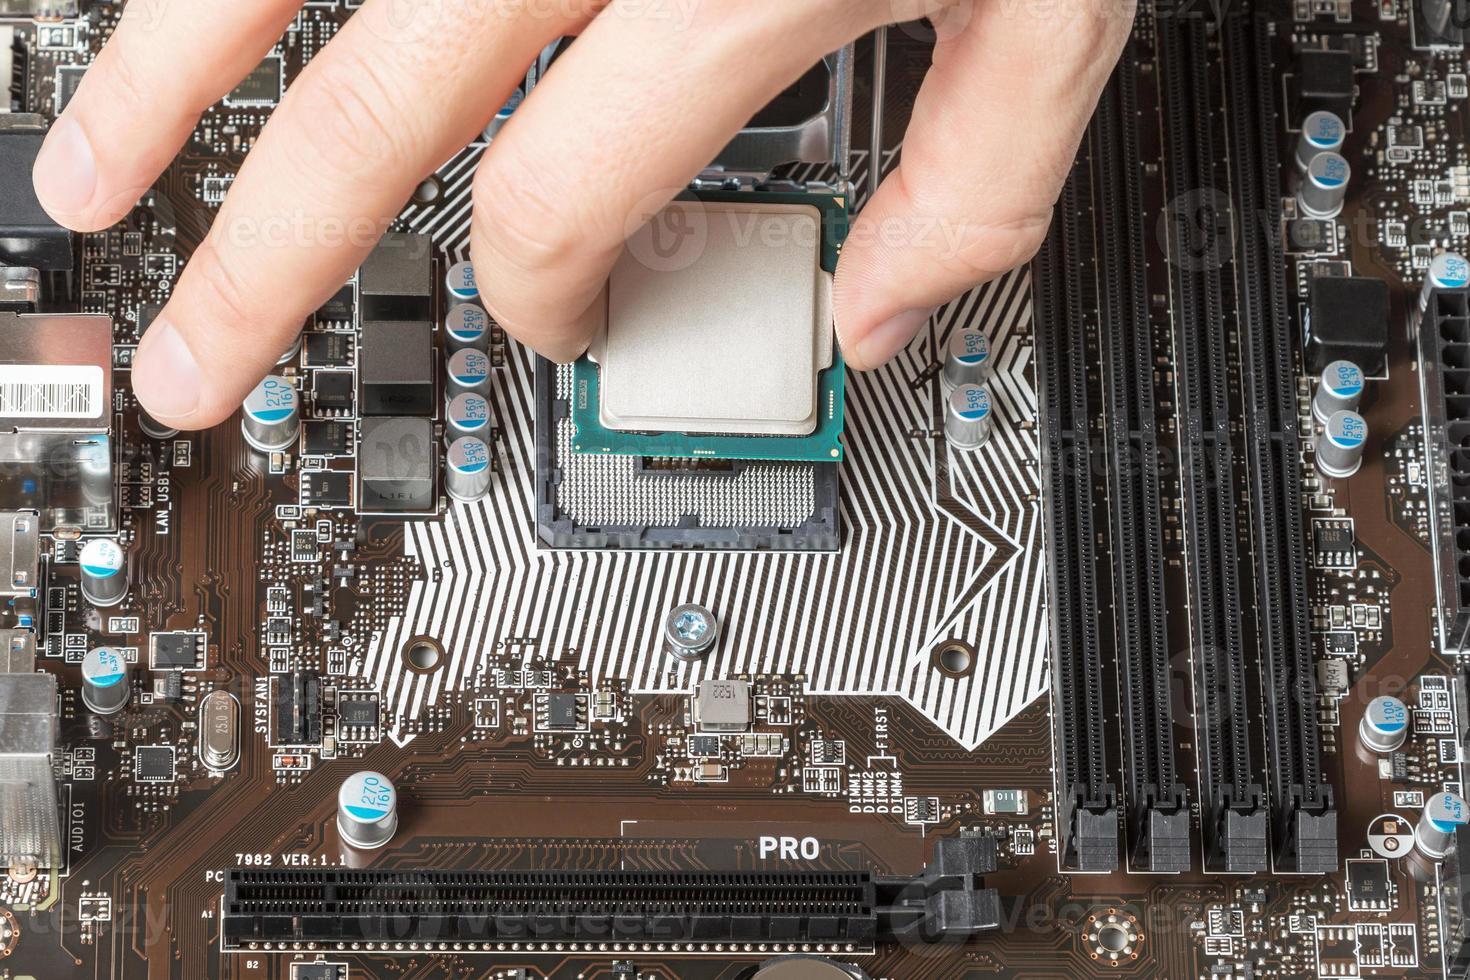 moderne centrale processoreenheid installeren op het moederbord foto